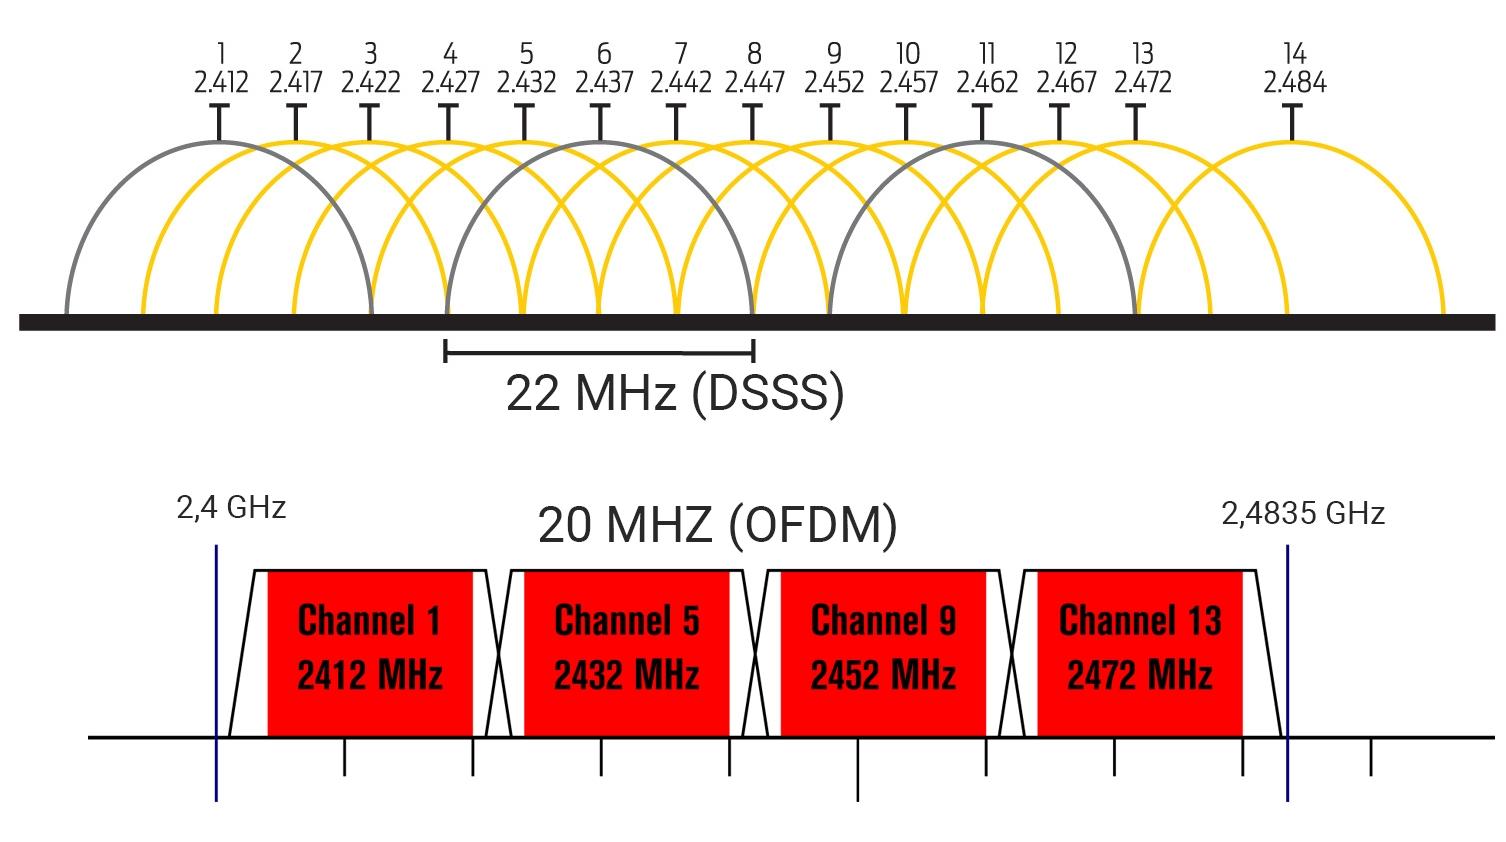 Prekrývanie kanálov 2,4 GHz Wi-Fi pri starších štandardoch s DSSS moduláciou a novších s OFDM moduláciou